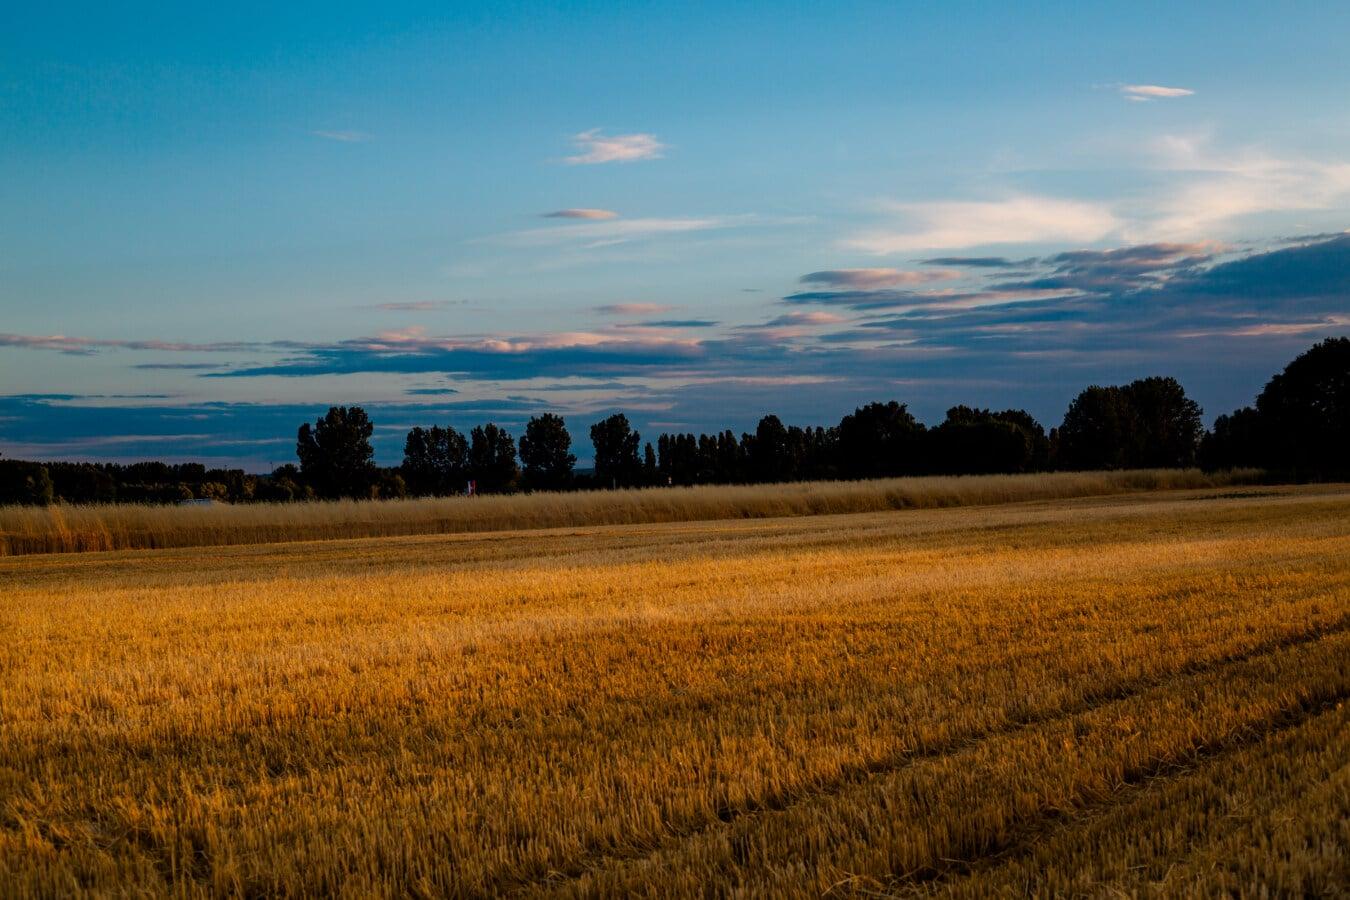 Dämmerung, Dämmerung, Weizenfeld, Feld, Weizen, Landwirtschaft, Landschaft, Sonnenuntergang, Gras, des ländlichen Raums